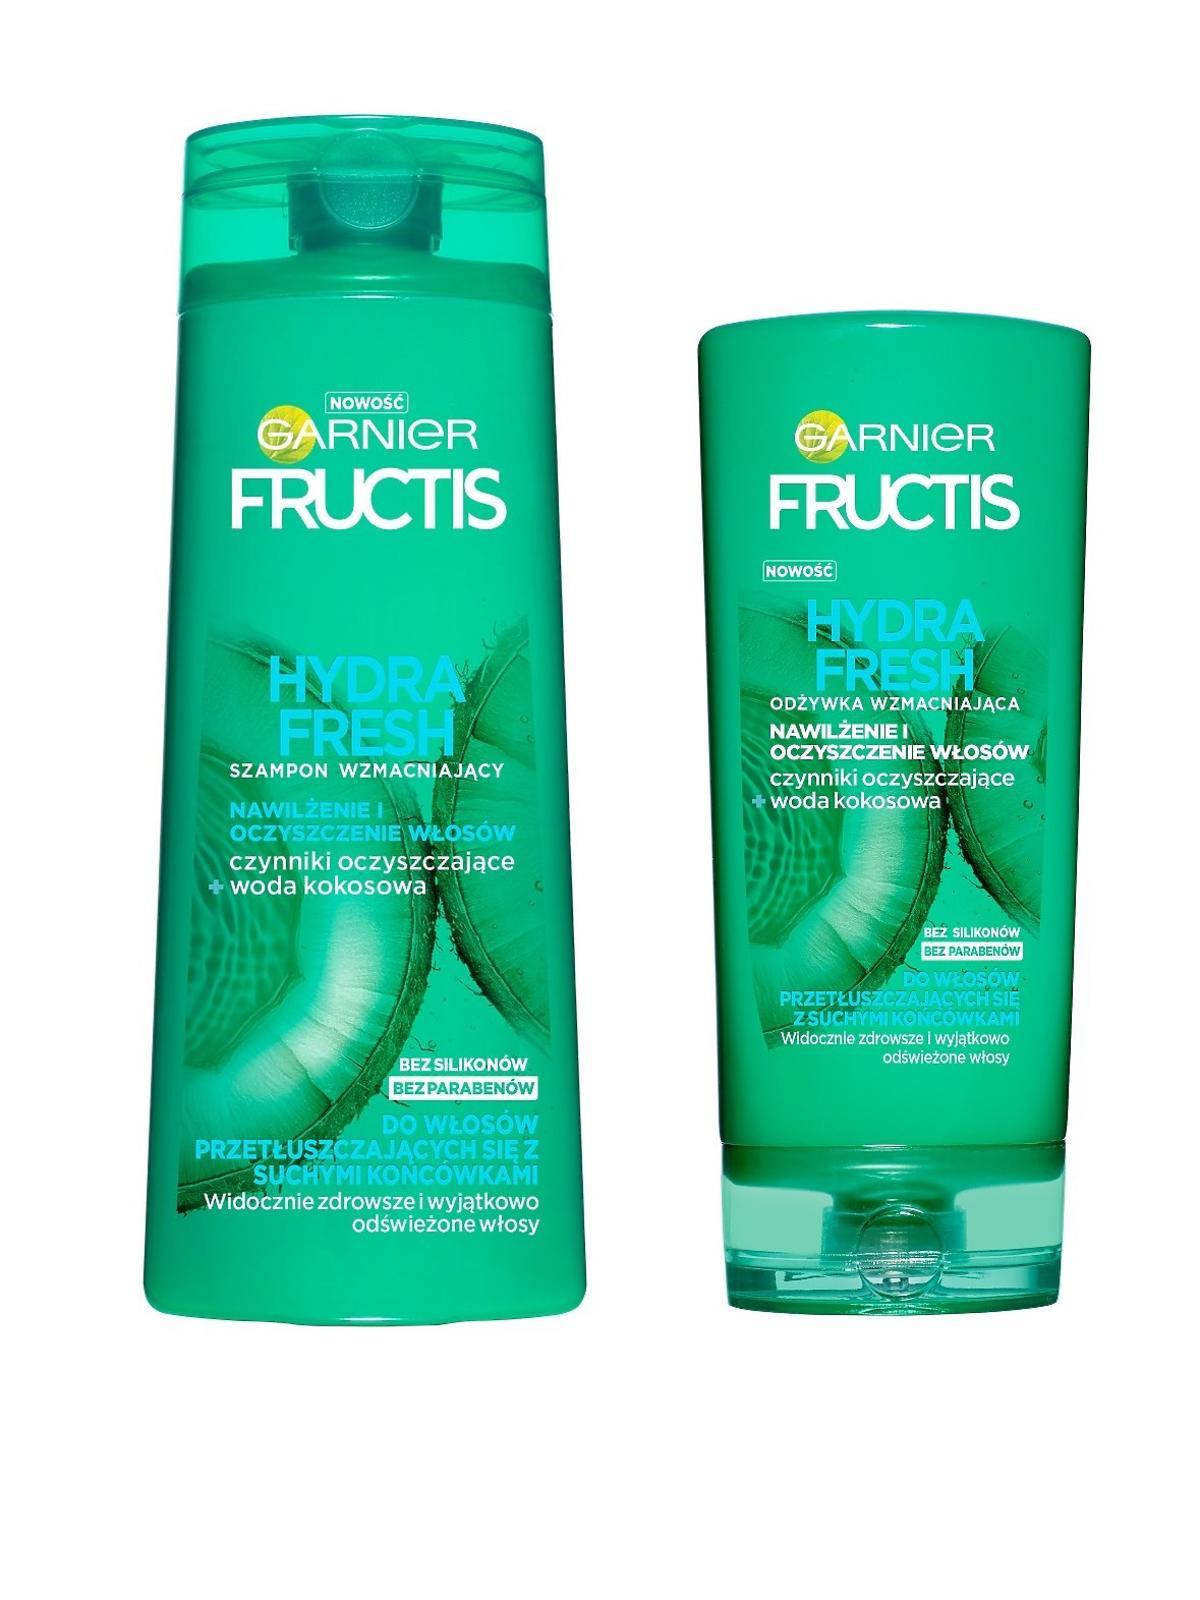 Garnier, Fructis, Hydra Fresh, Szampon i odżywka wzmacniające do włosów przetłuszczających się, z suchymi końcówkami